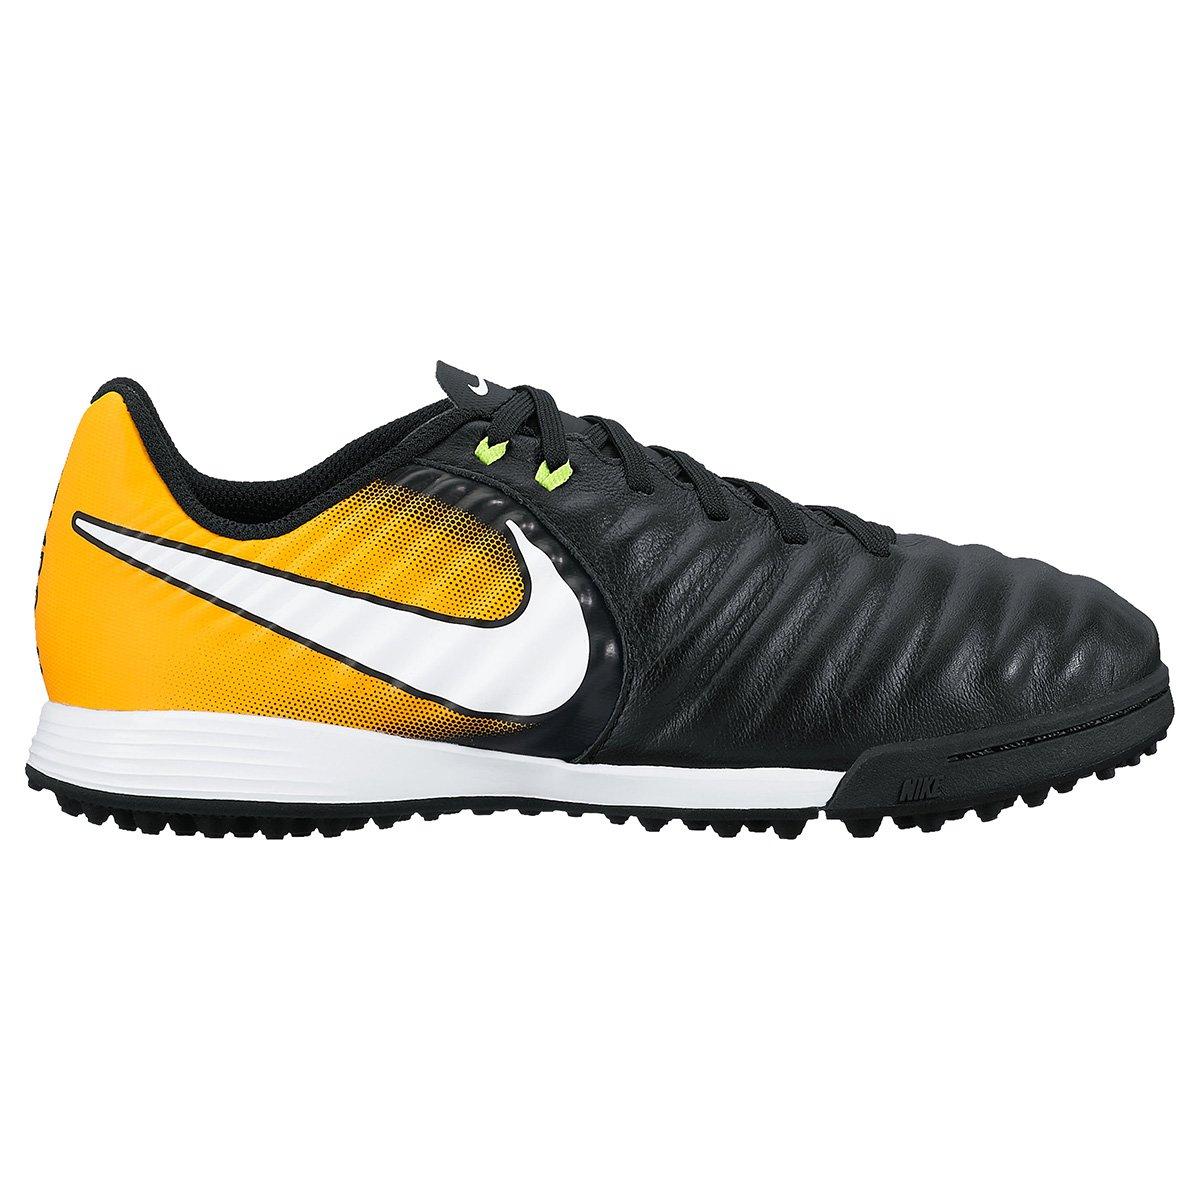 5af7984440d27 Chuteira Society Infantil Nike Tiempo Ligera 4 TF - Compre Agora ...